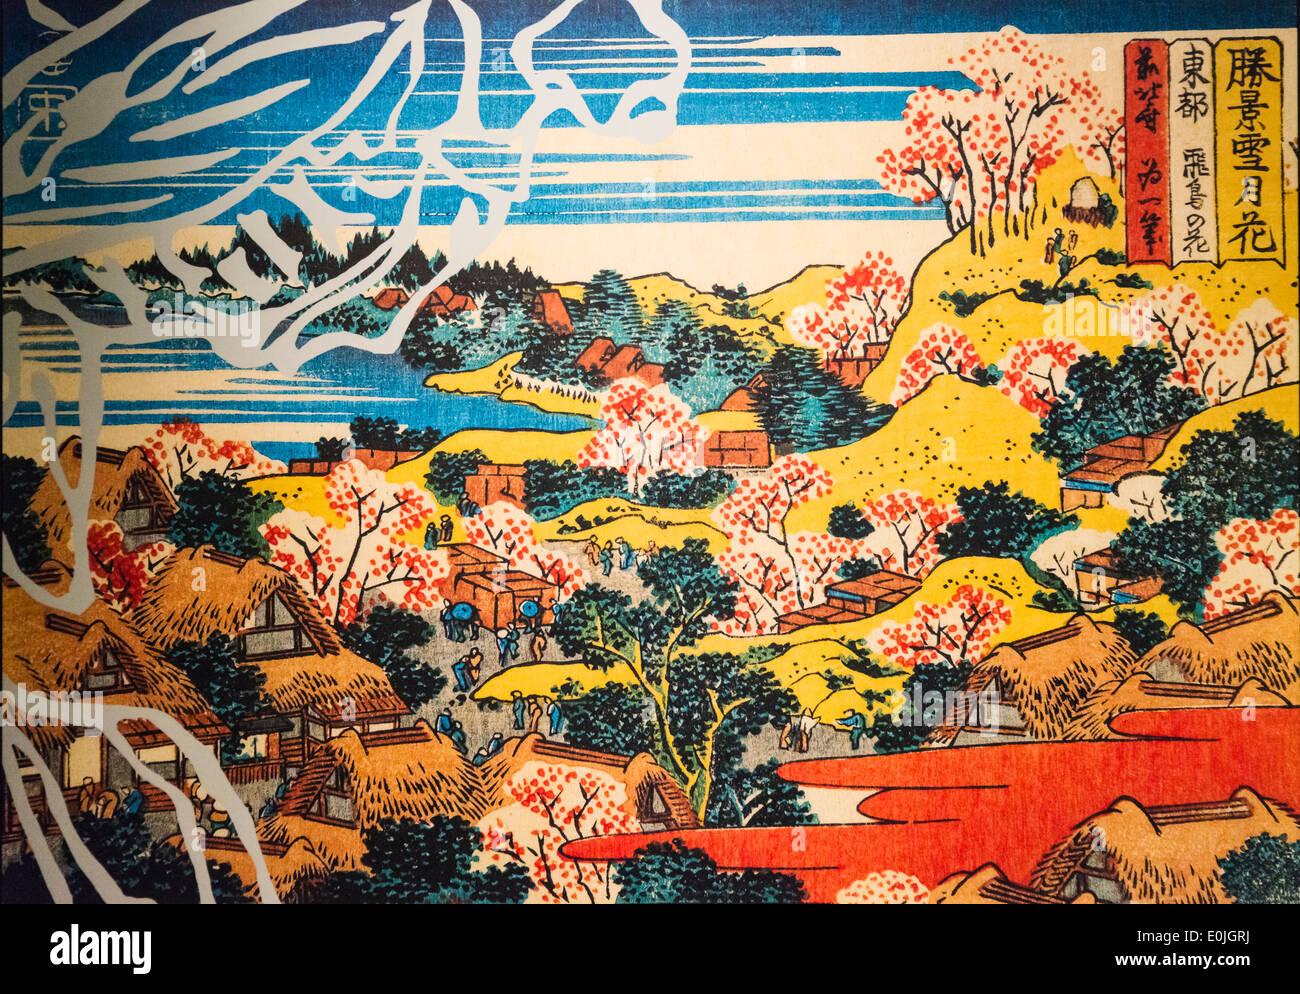 Ukiyo-e landscape painting, Japan - Stock Image